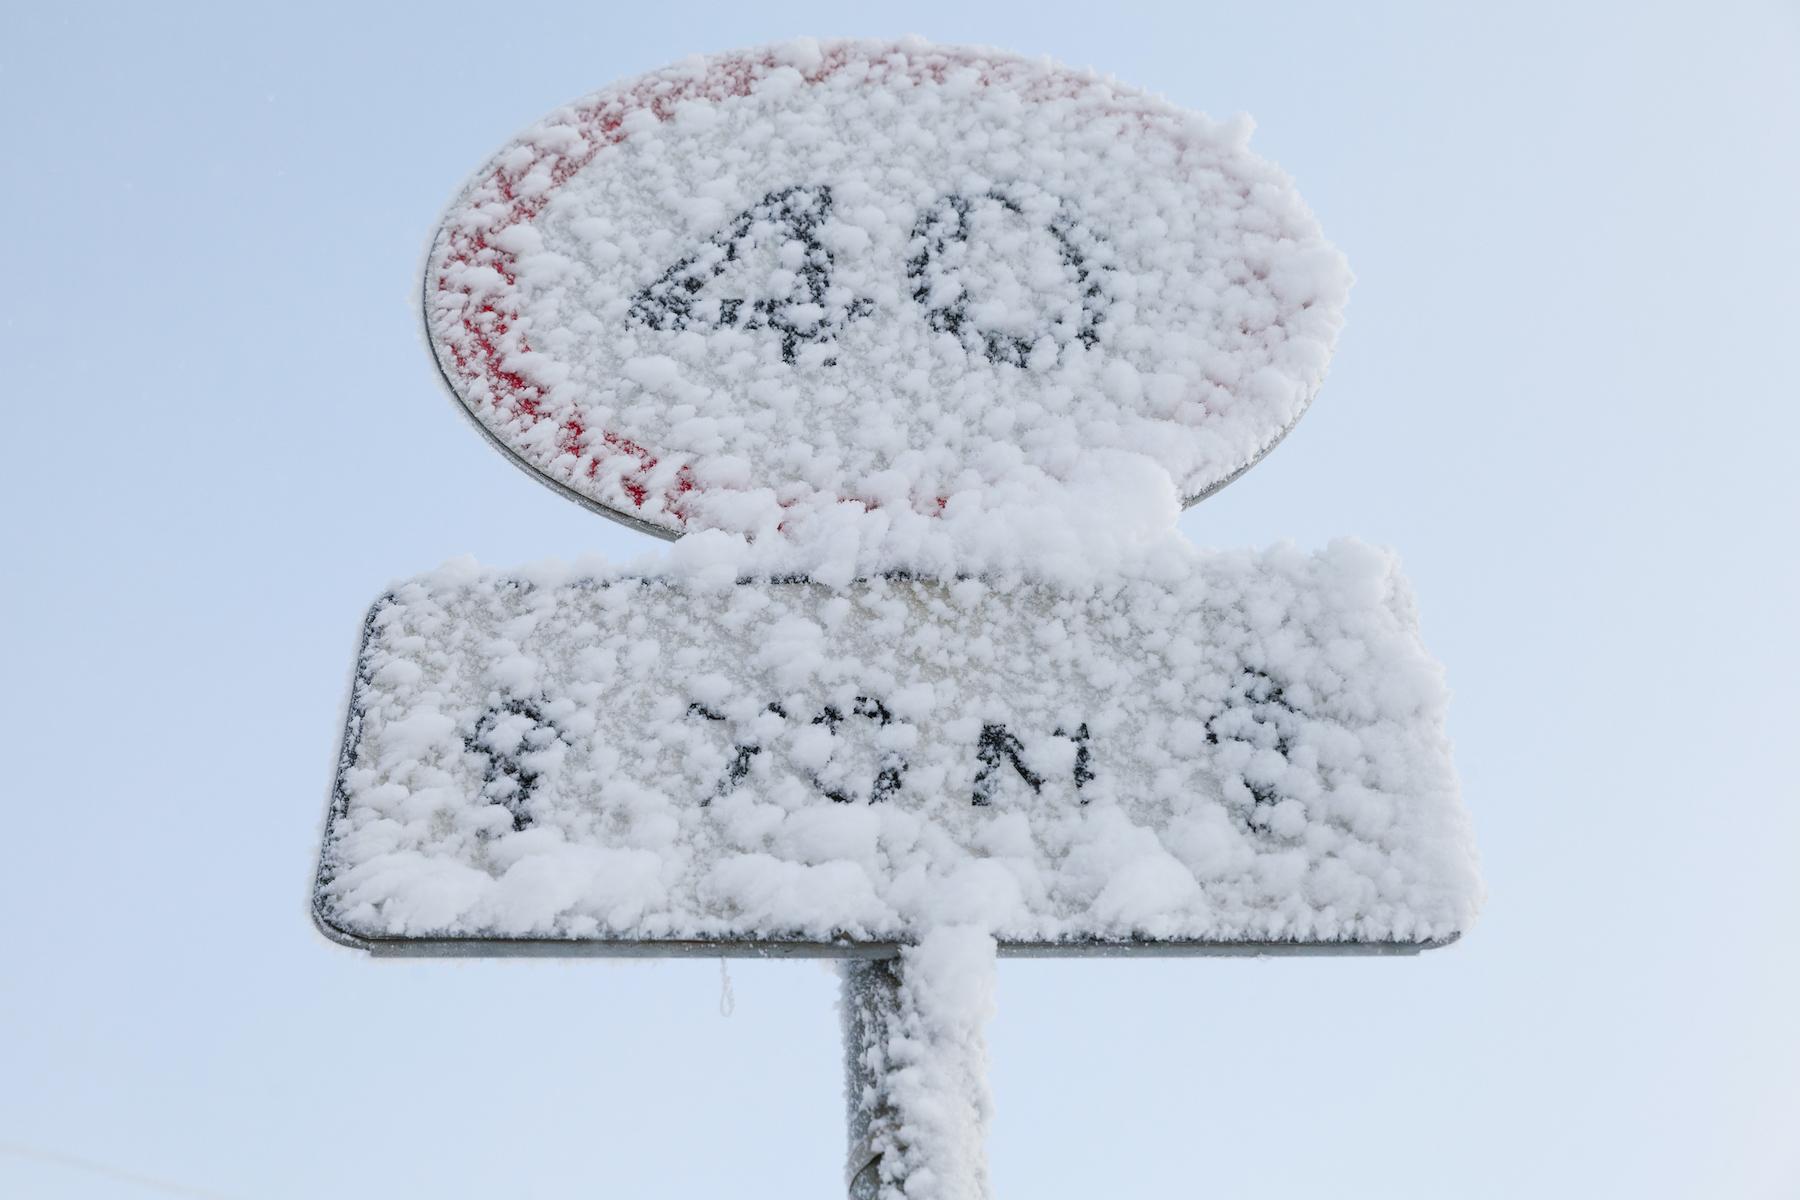 Sind verschneite Verkehrsschilder trotzdem gültig?